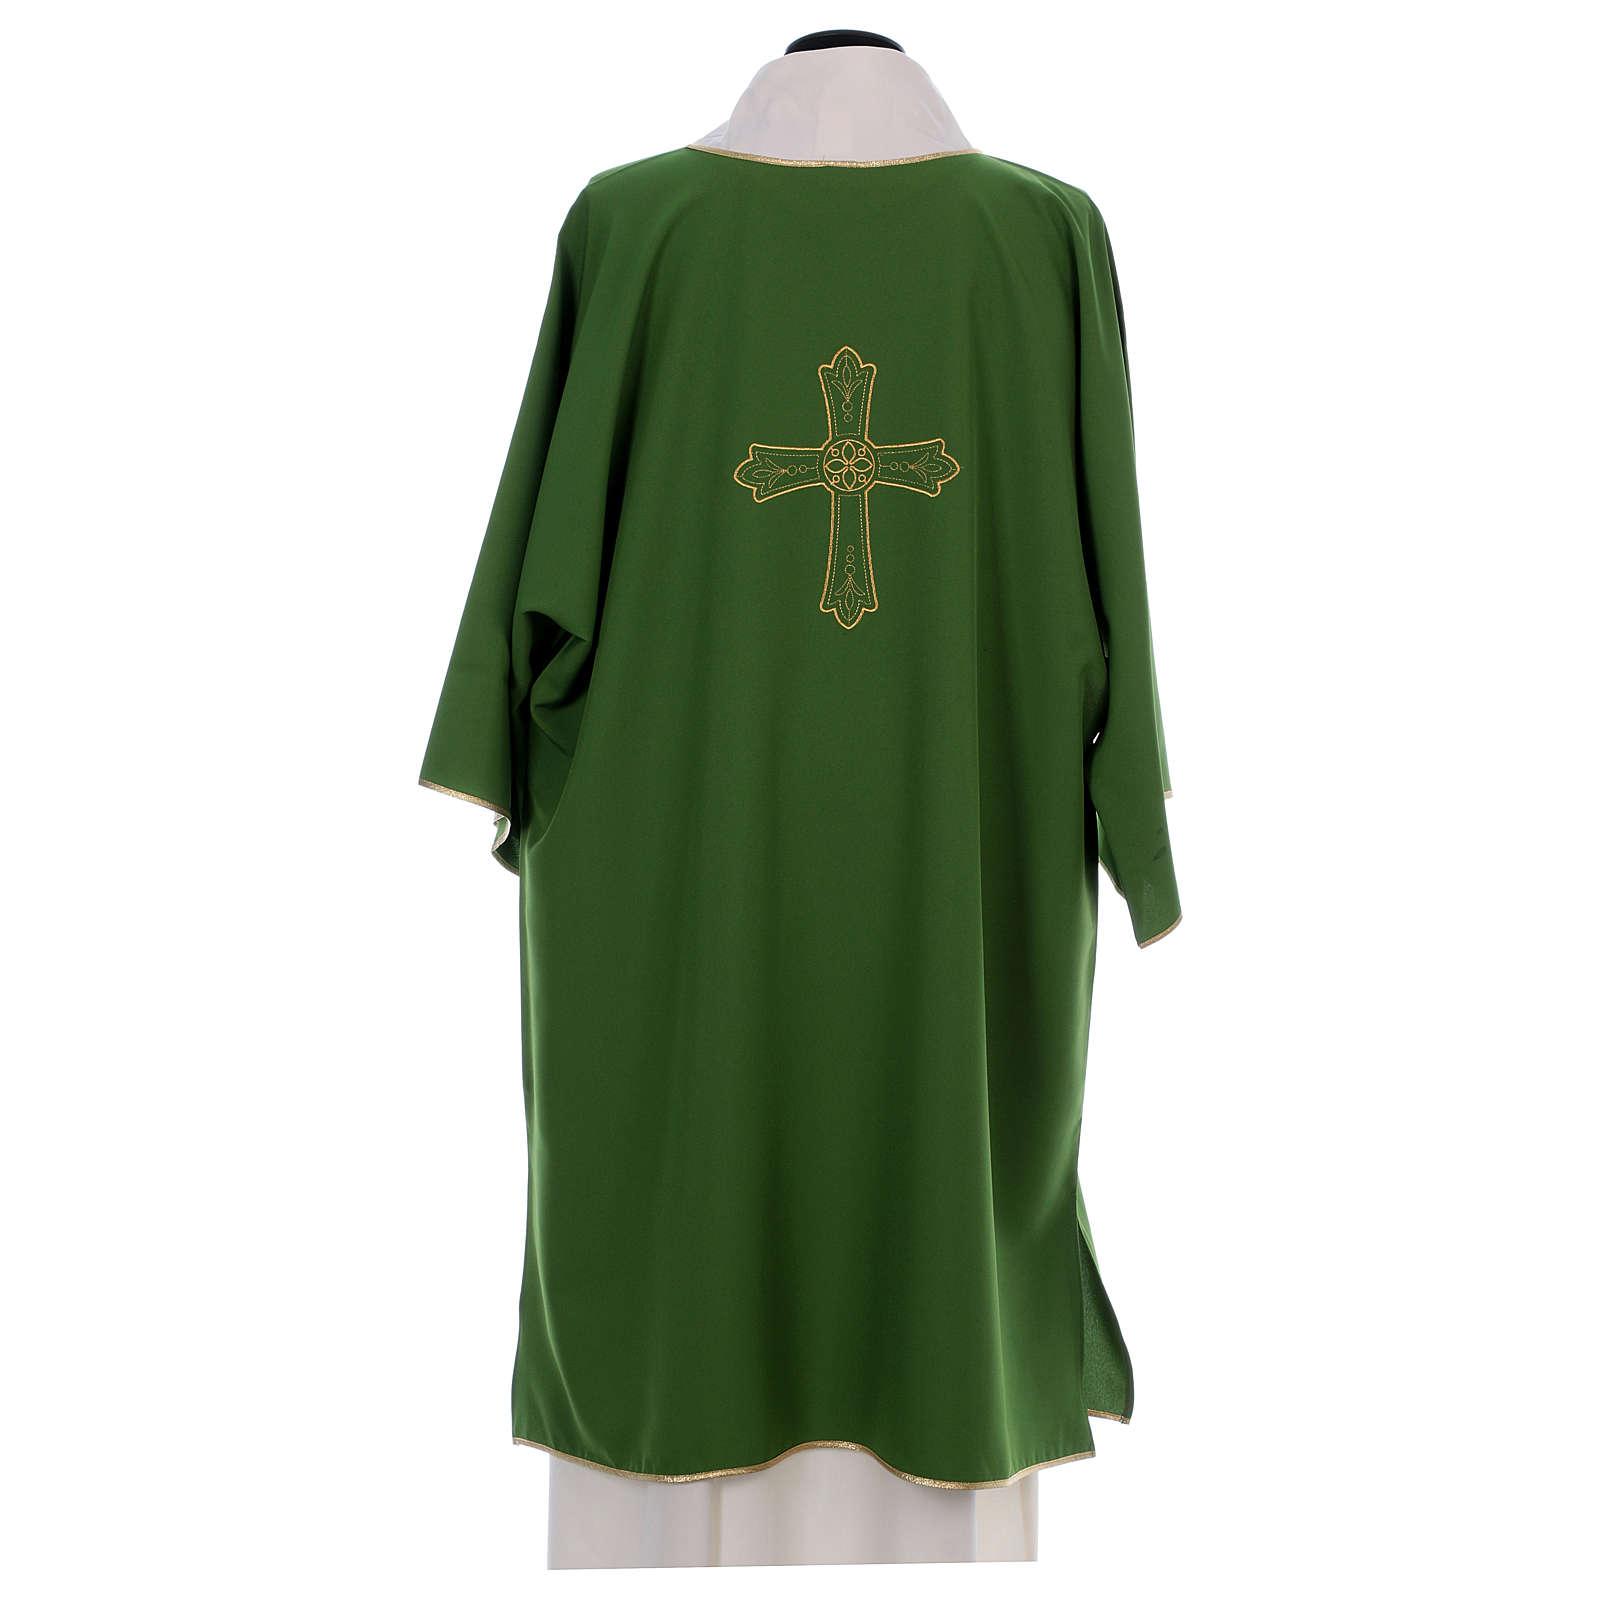 Dalmática bordado cruz flor parte anterior posterior tejido Vatican 100% poliéster 4